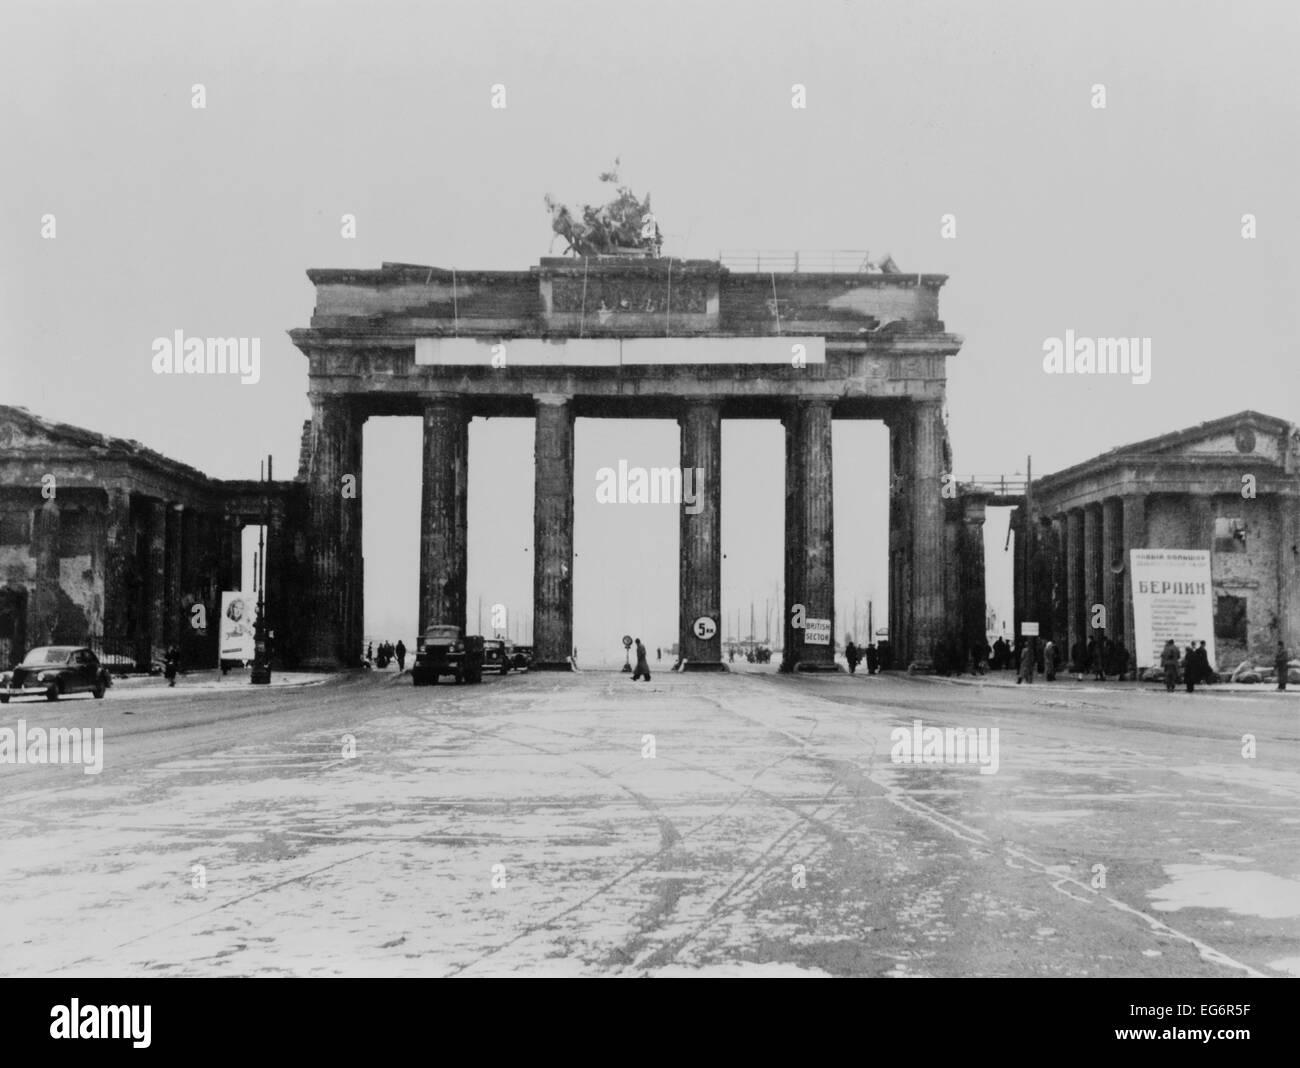 El tráfico circula a través de la Puerta de Brandenburgo, después de la Segunda Guerra Mundial. Berlín, Imagen De Stock